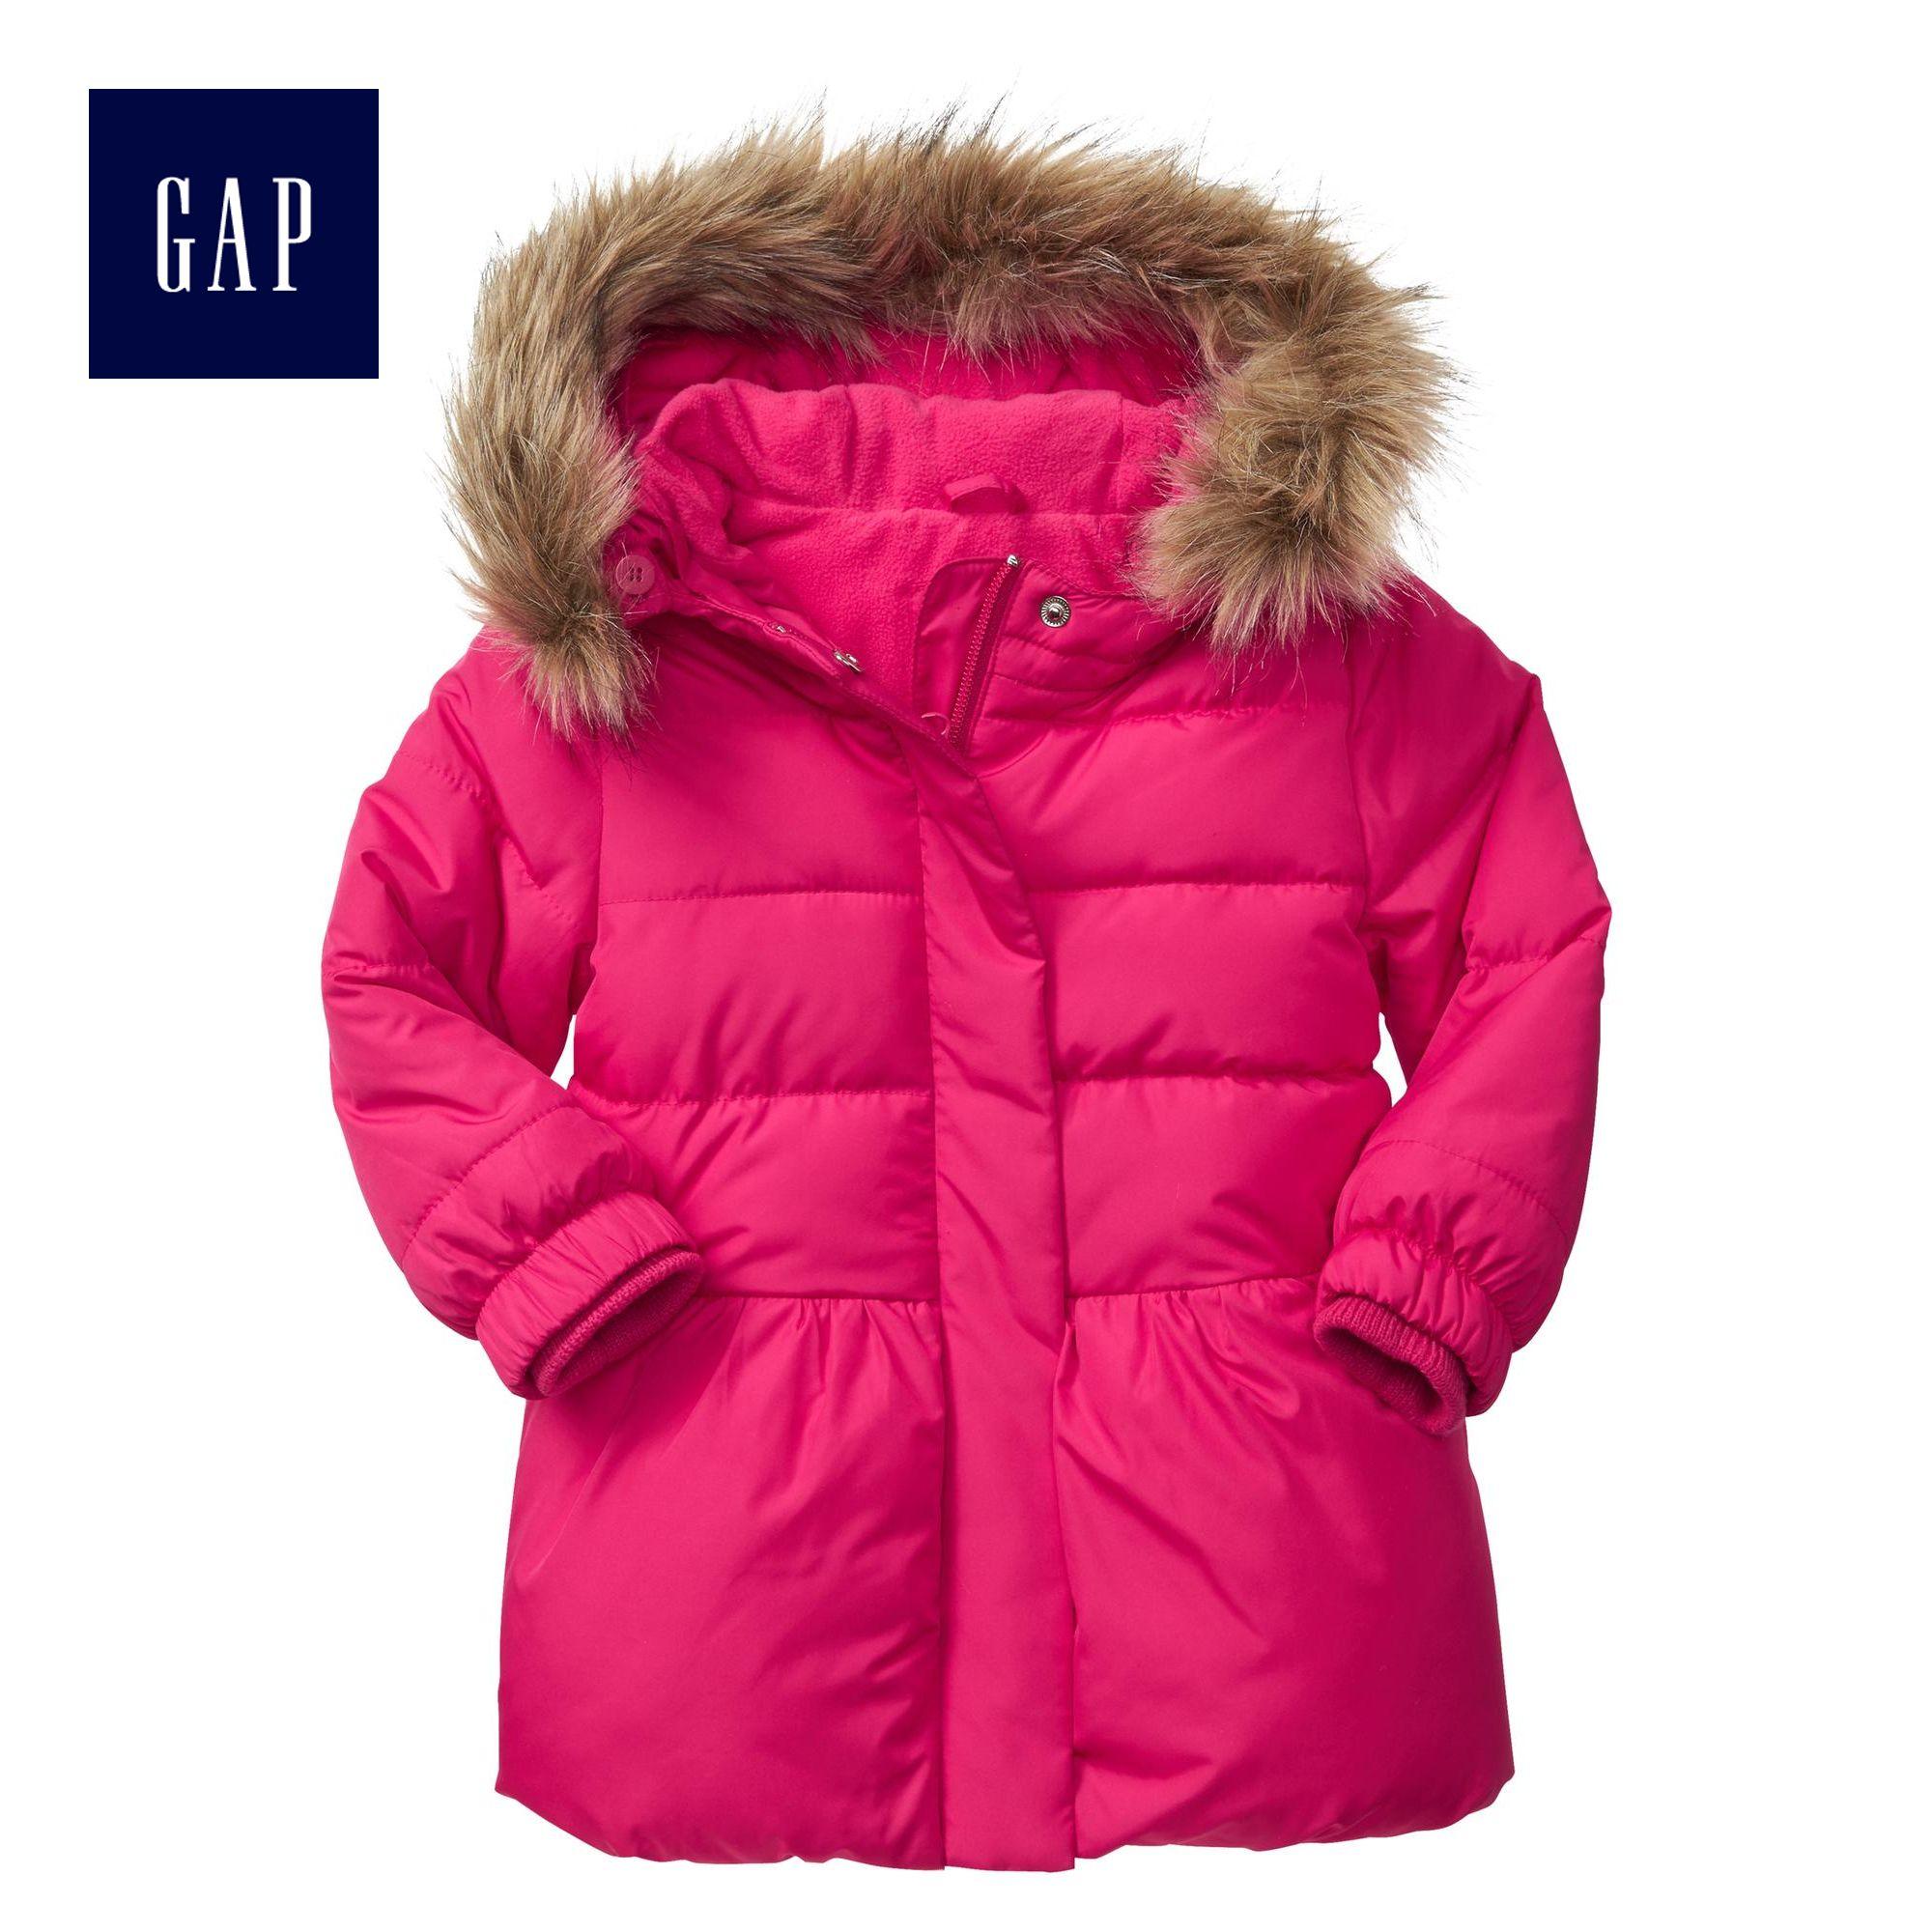 Gap女幼童 仿毛帽邊棉服夾克 簡潔百搭款小童保暖外套 314409 M2